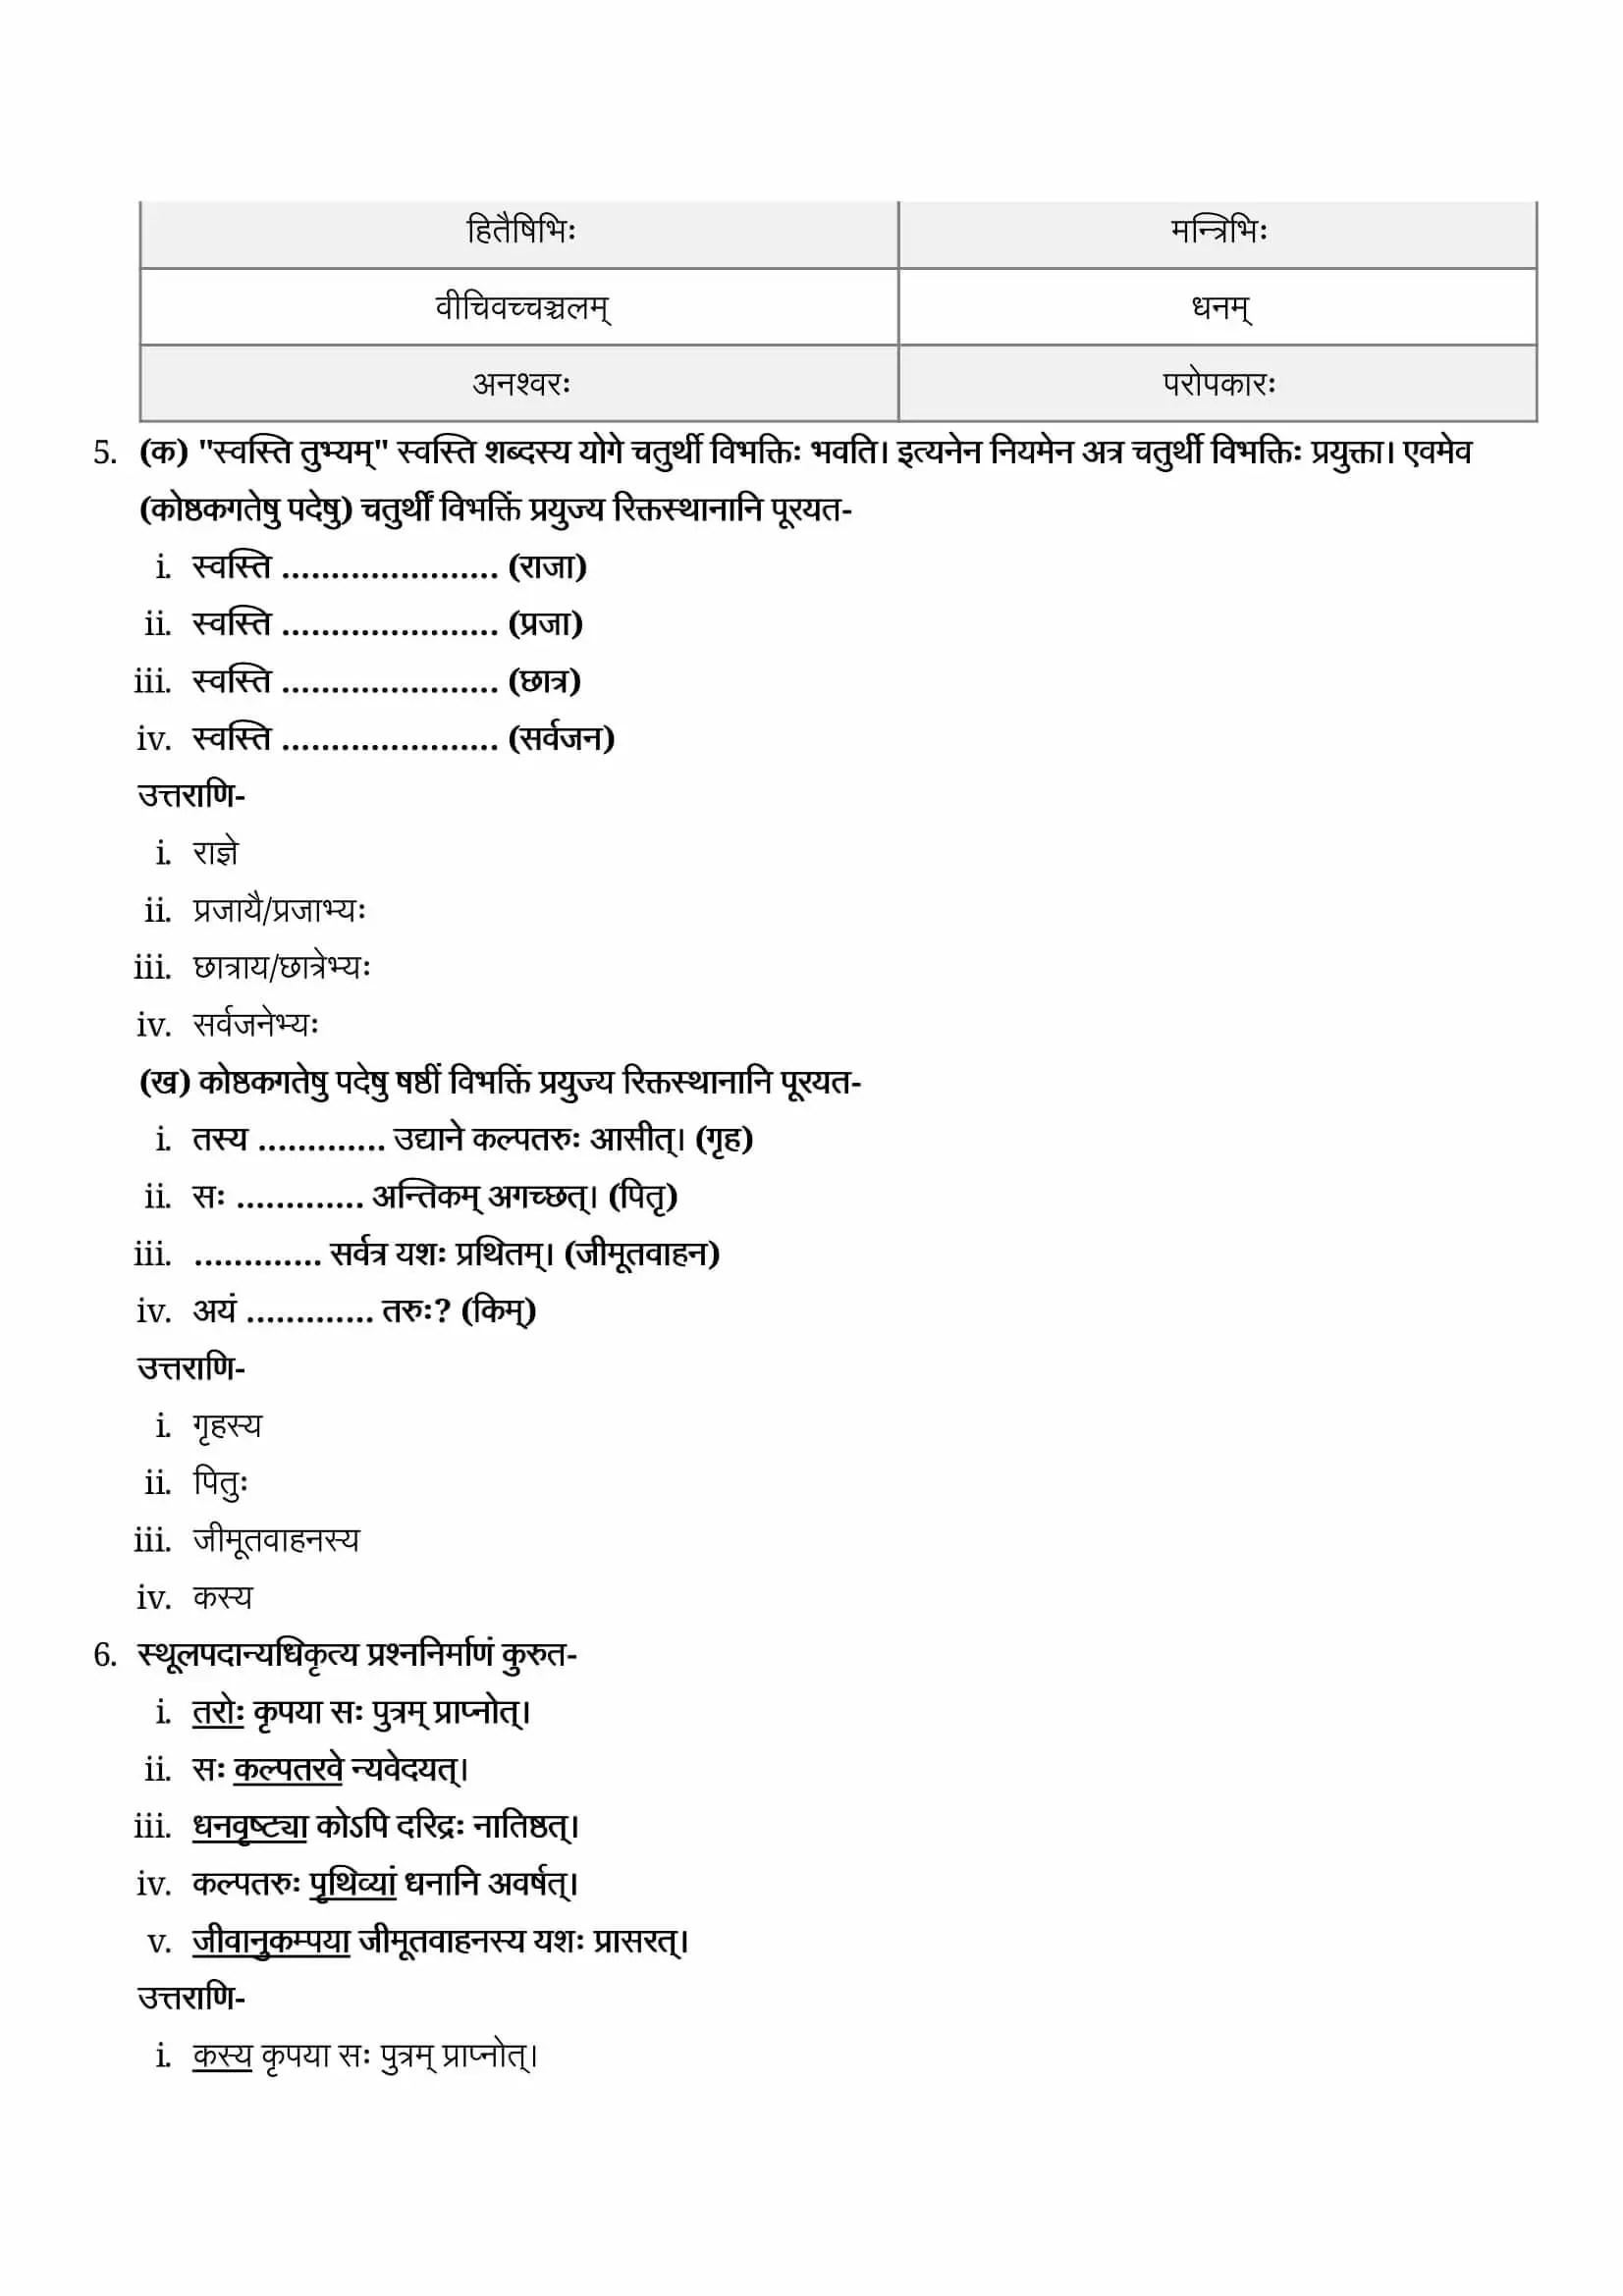 NCERT Solutions For Class 9 Sanskrit Shemushi Chapter 4